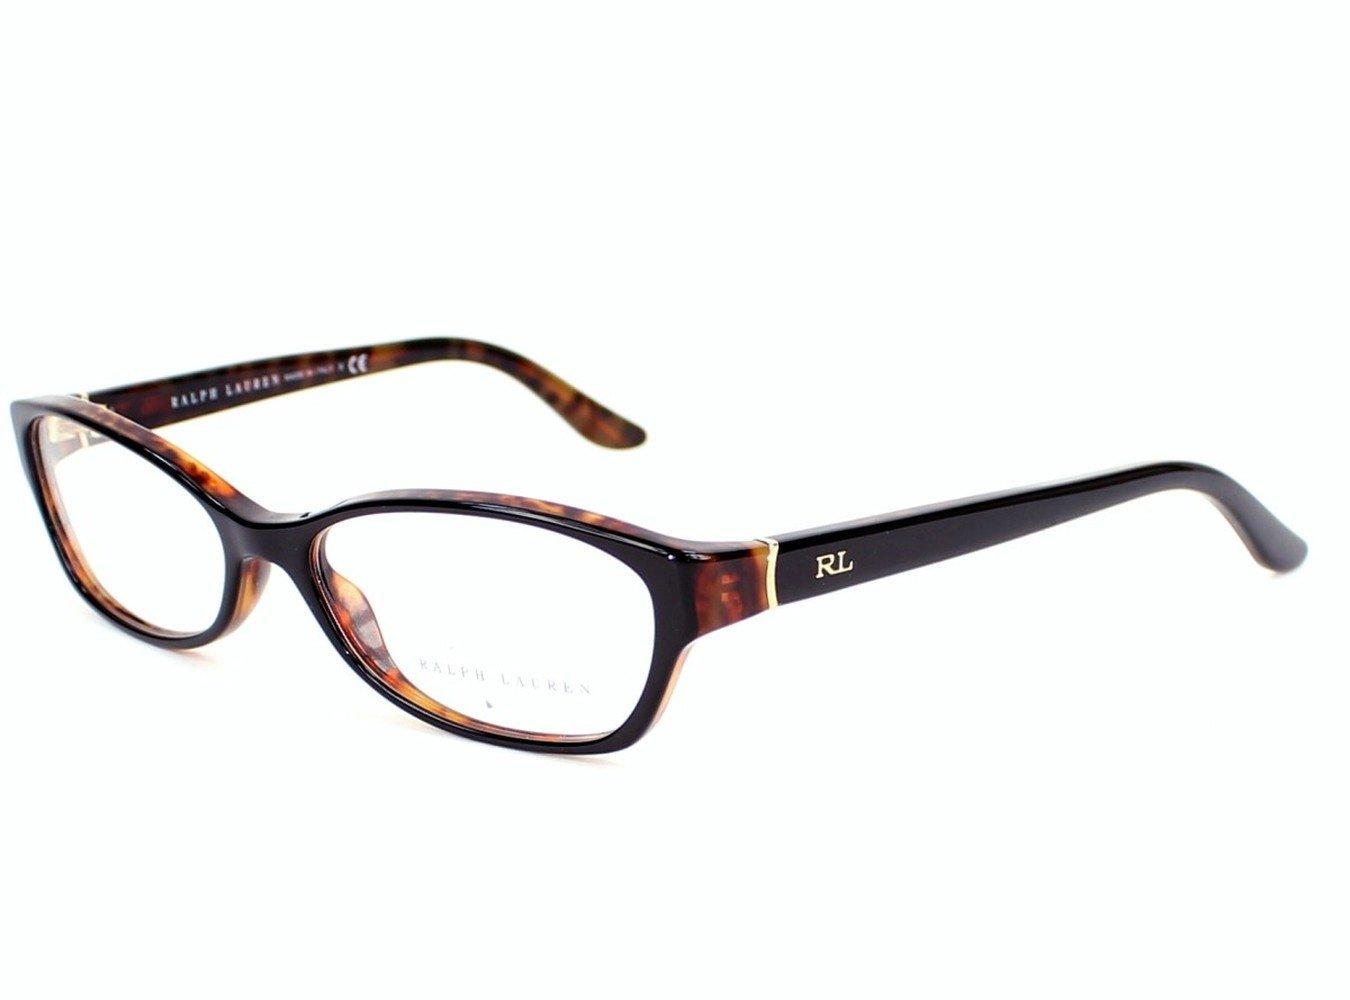 Ralph Lauren RL6068 Eyeglasses-5260 Black-Havana-53mm